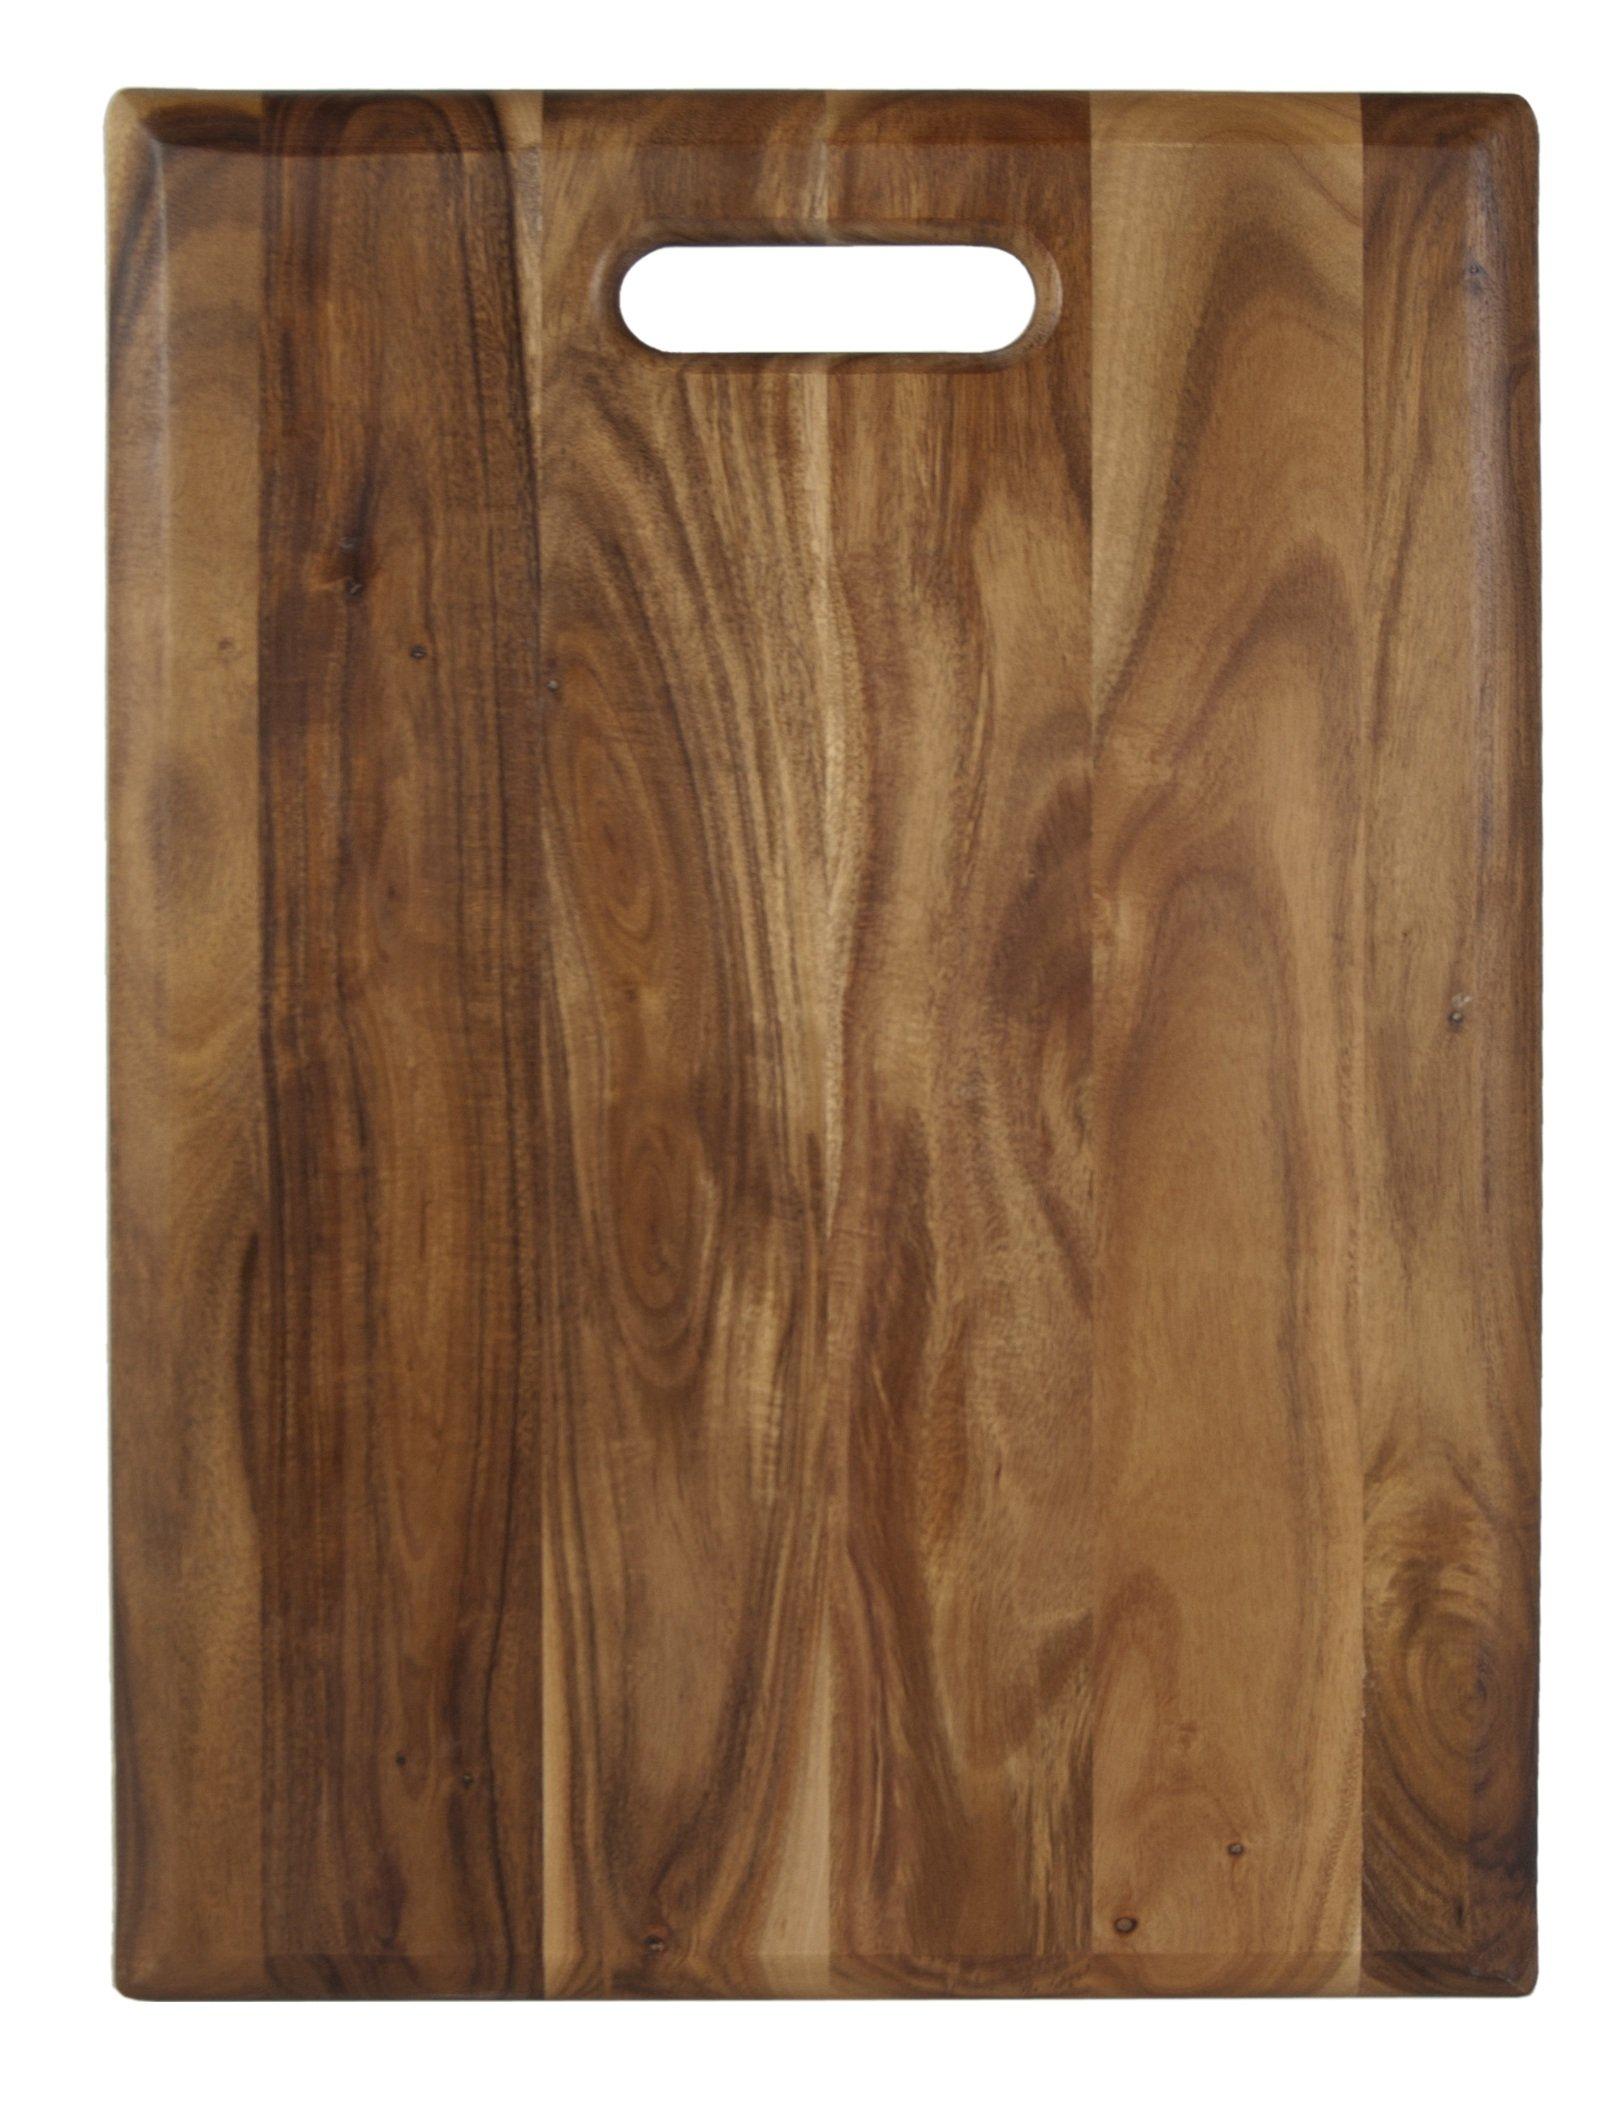 Architec Gripperwood Acacia Cutting Board, Non-Slip Gripper Feet, 12'' by 16''